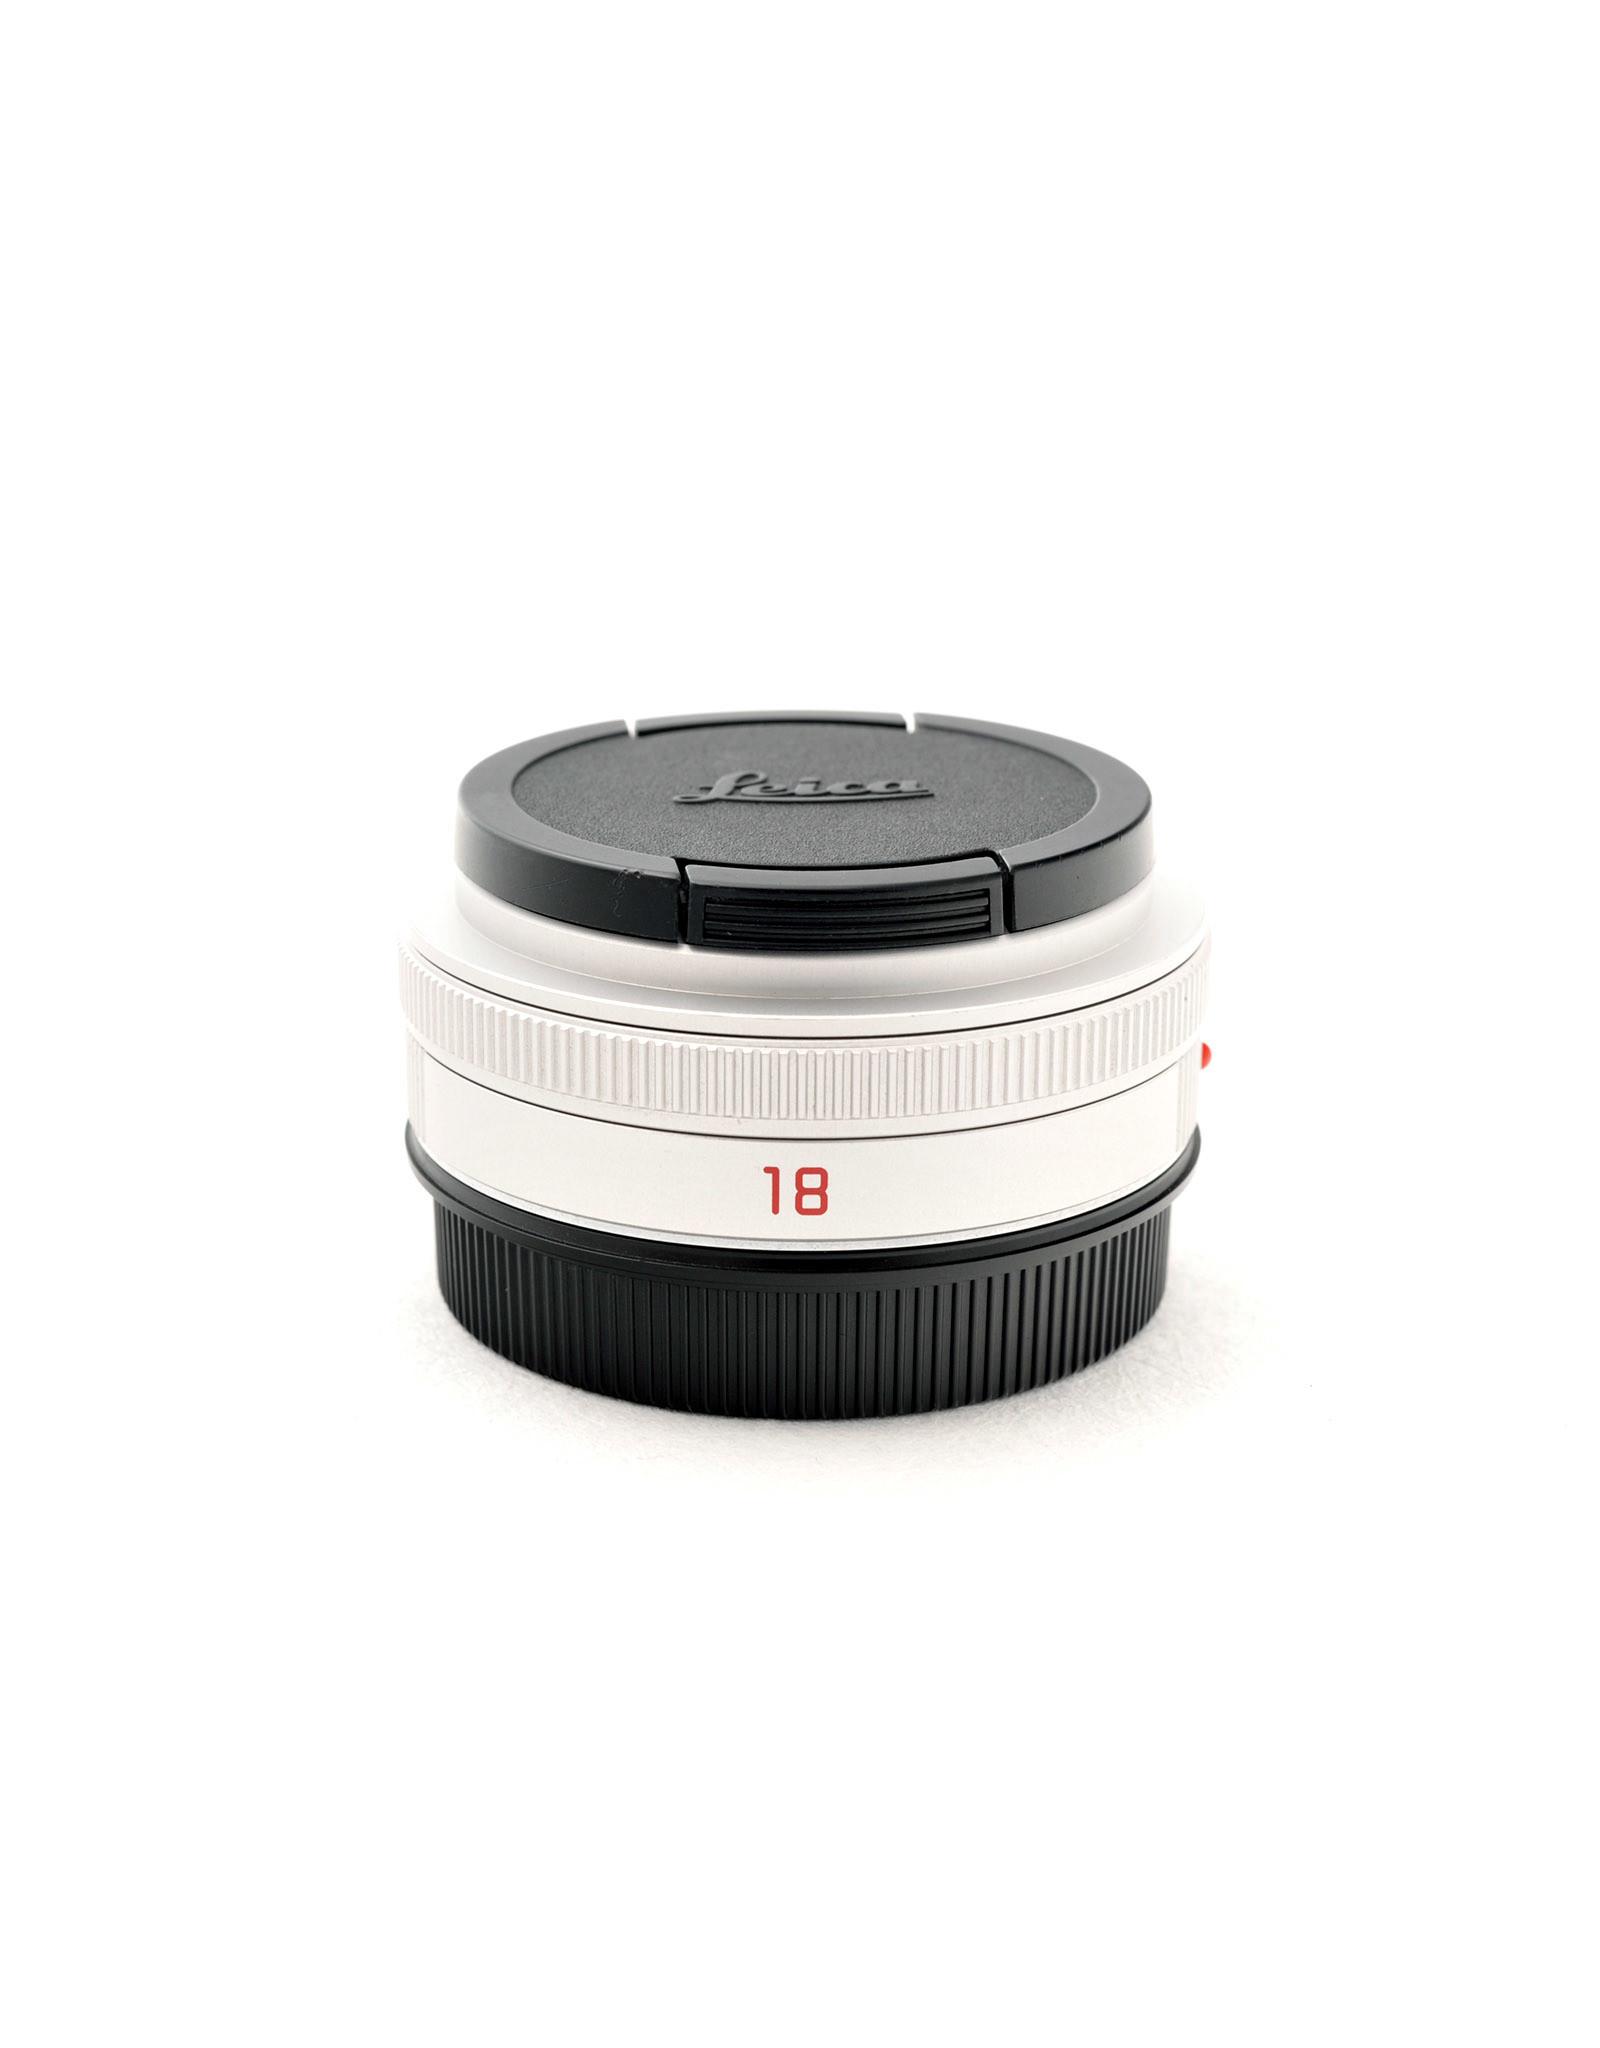 Leica Leica 18mm f2.8 Elmarit-TL ASPH Silver   AP1062503